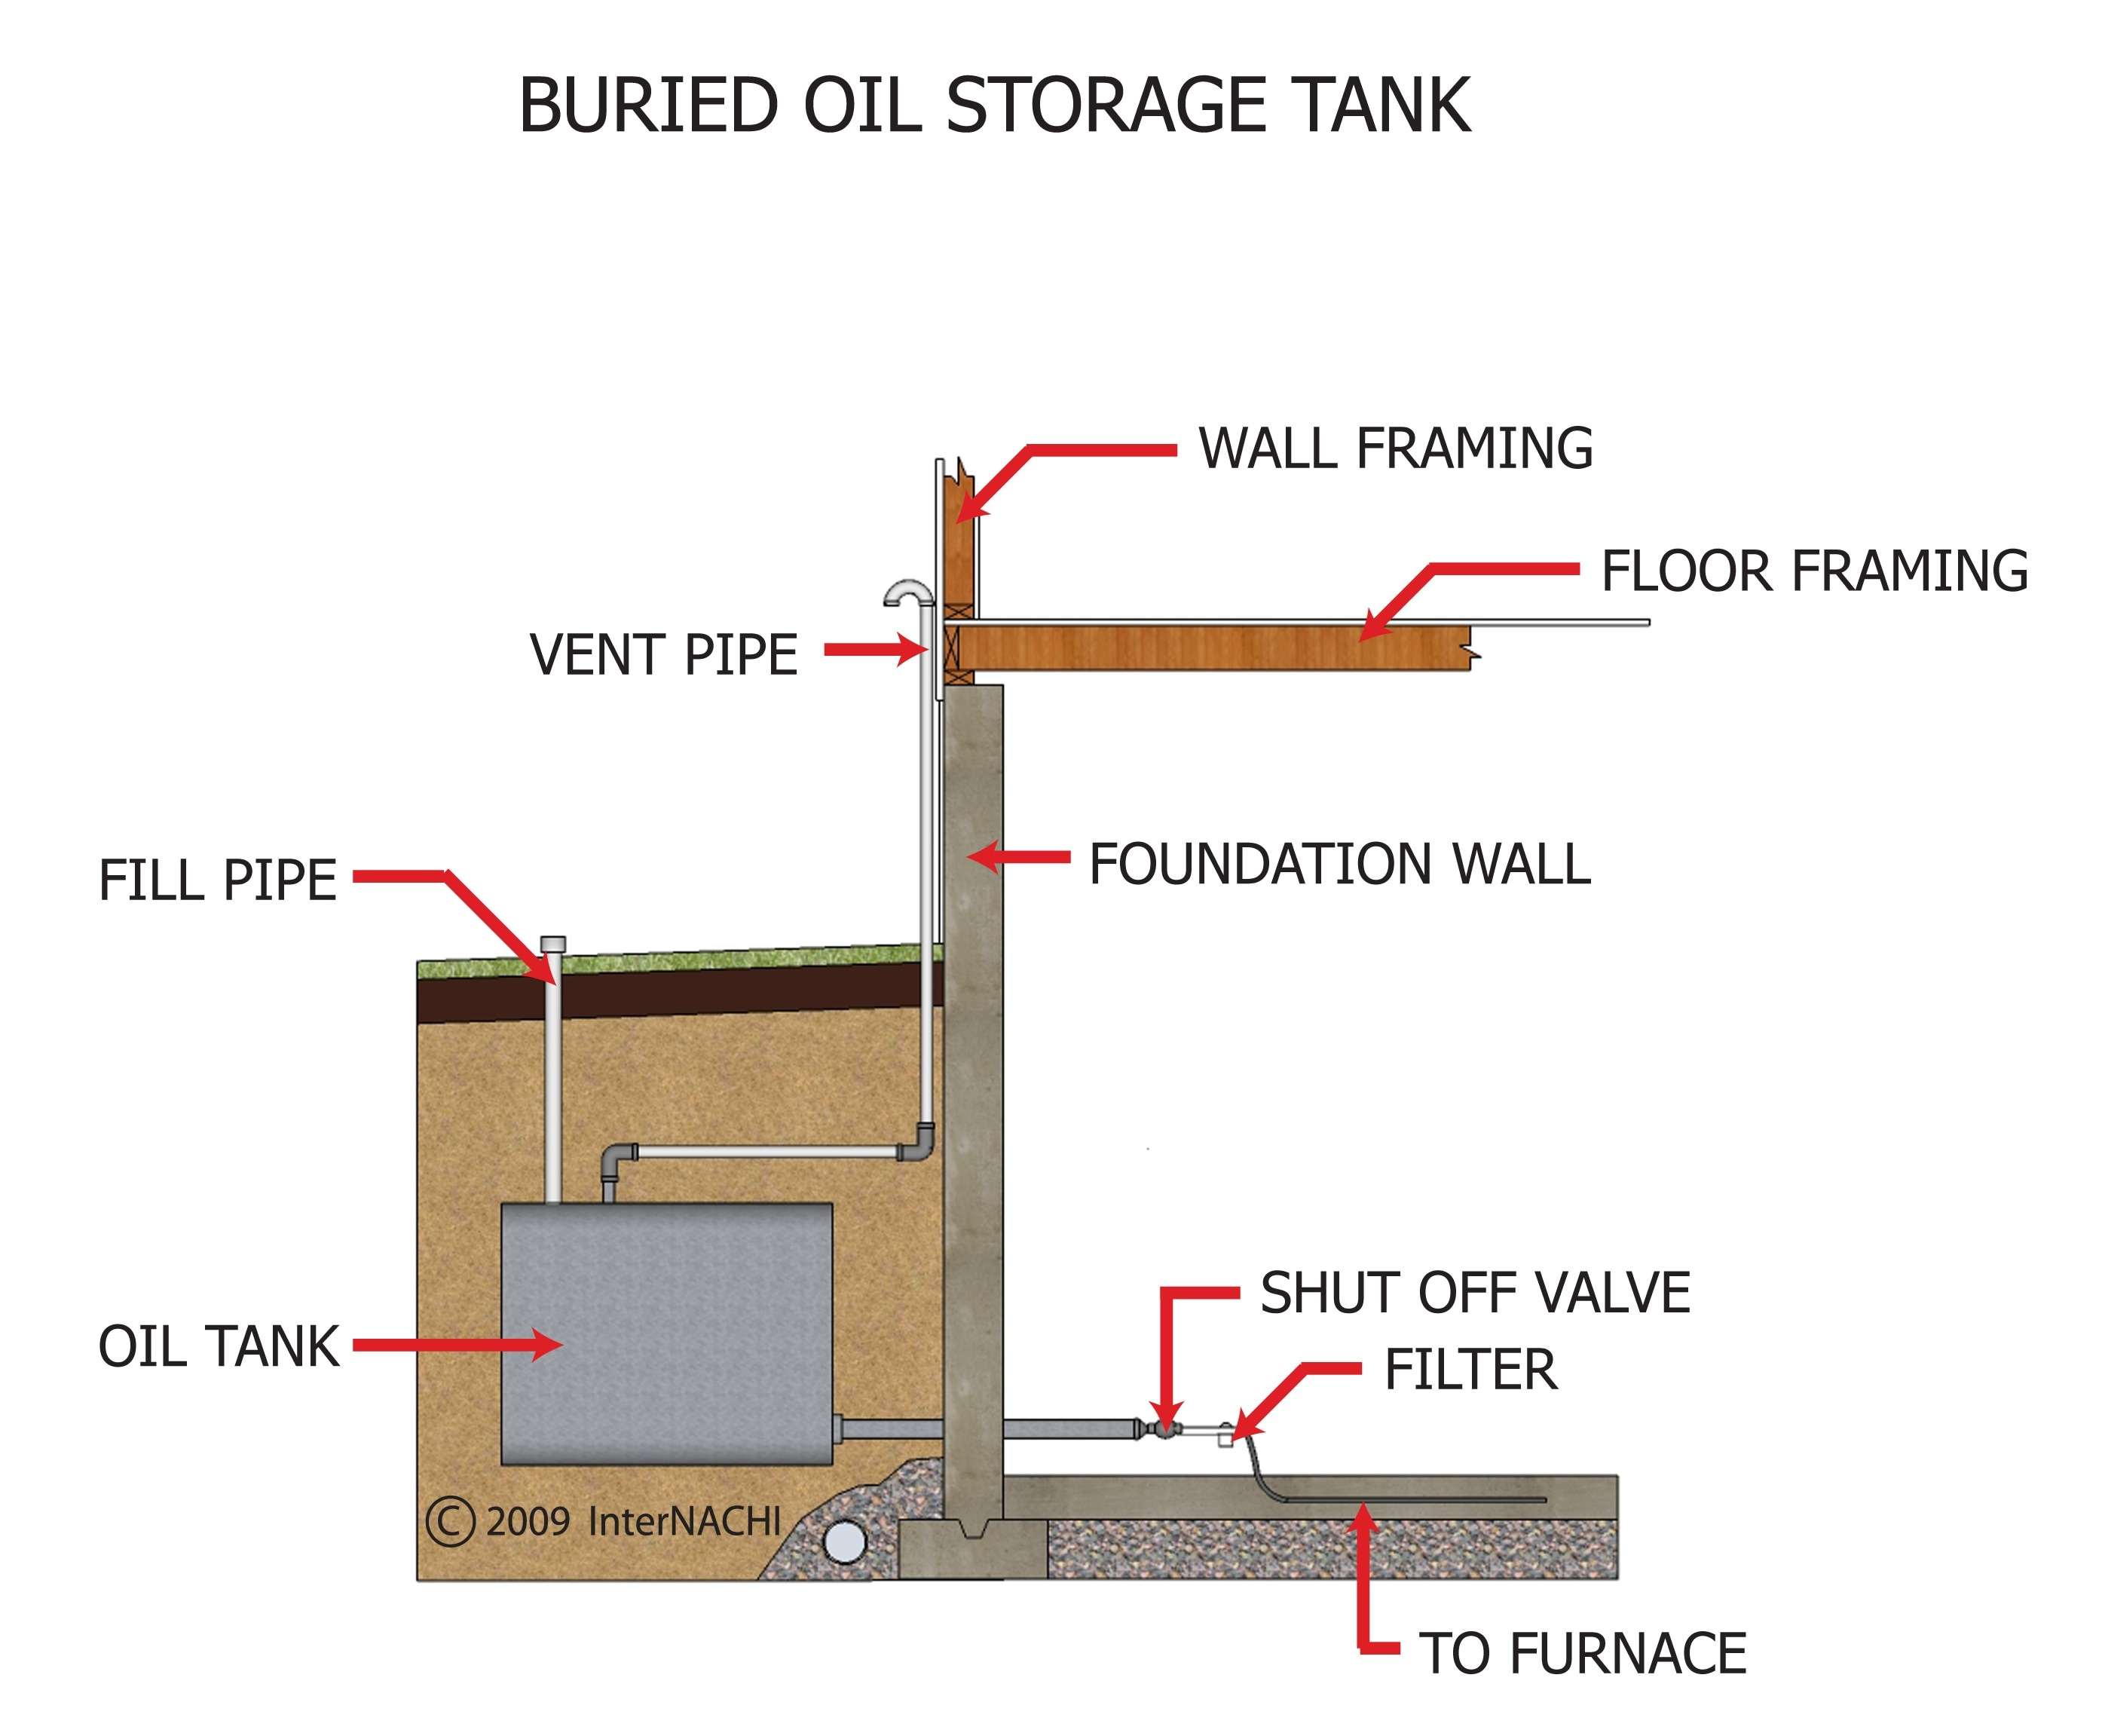 Buried oil storage tank.